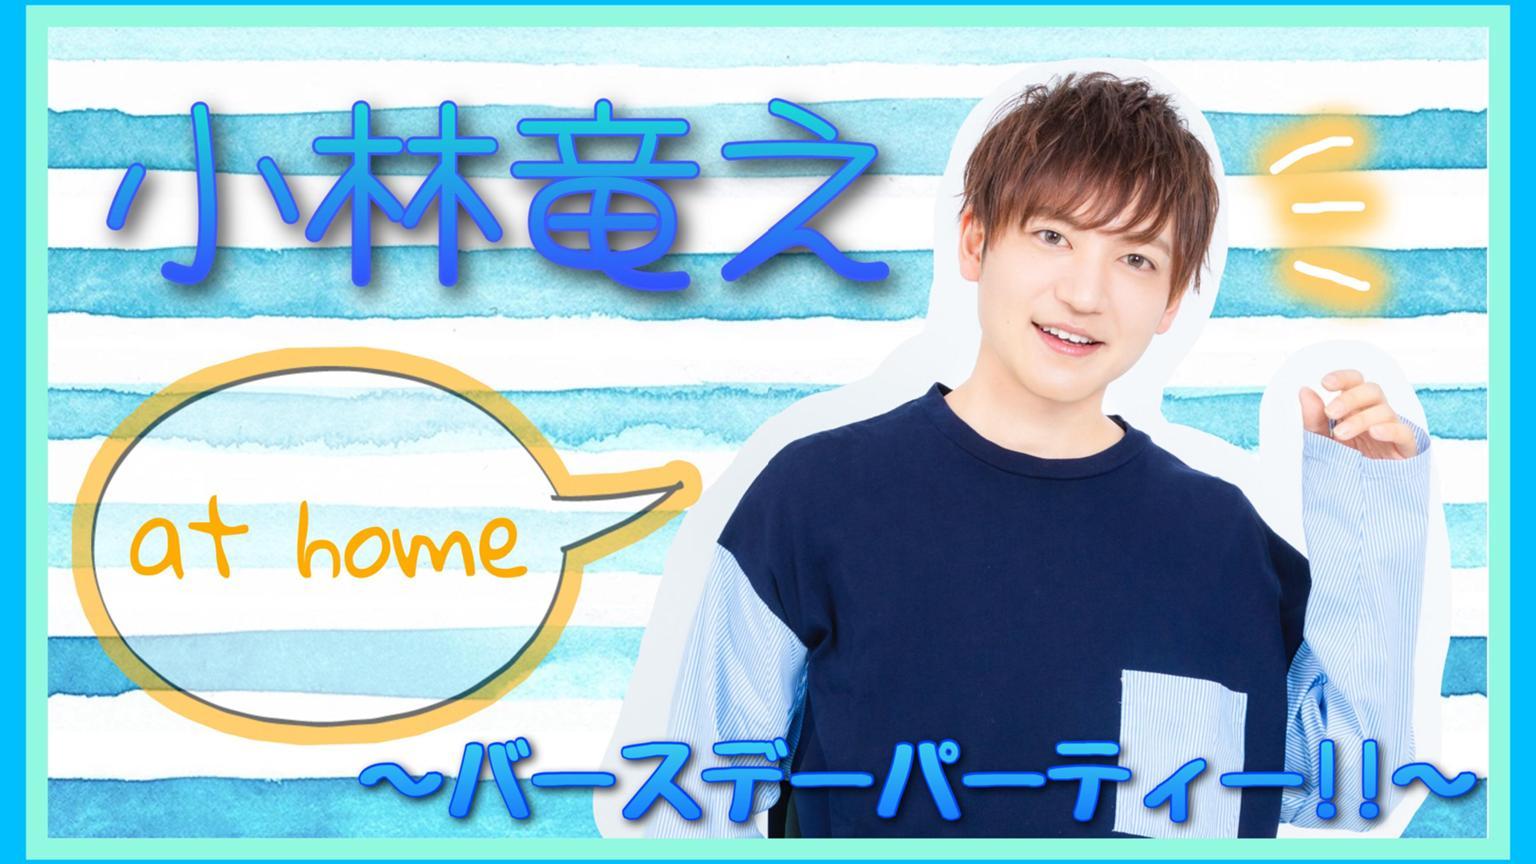 【通】小林竜之 at home ~バースデーパーティー!!~